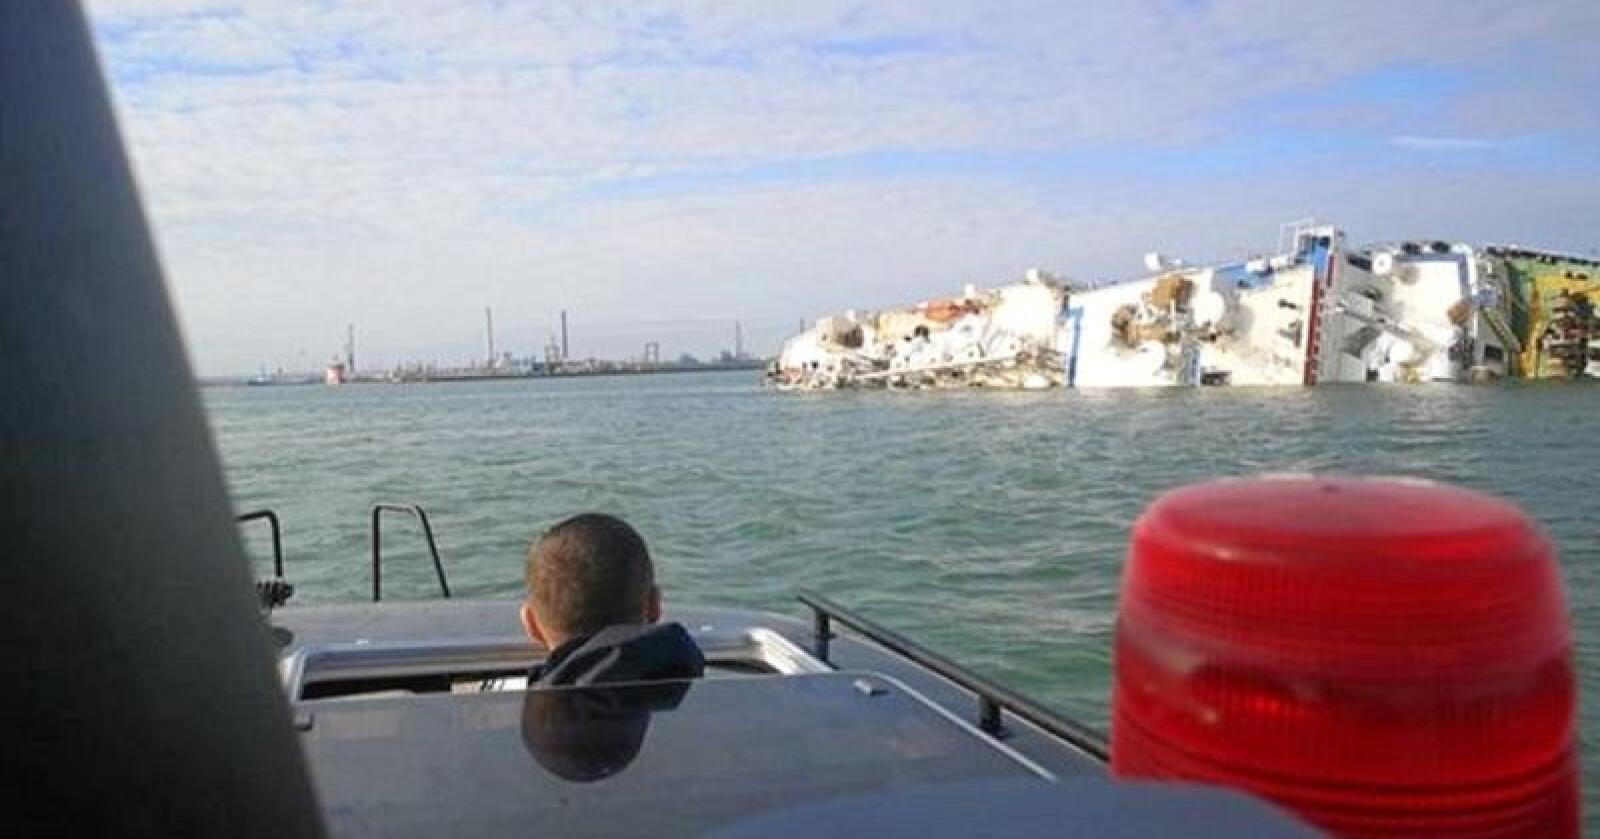 Bildet viser skipet Queen Hind, som søndag kantret i Svartehavet. Foto: ISU Constanta